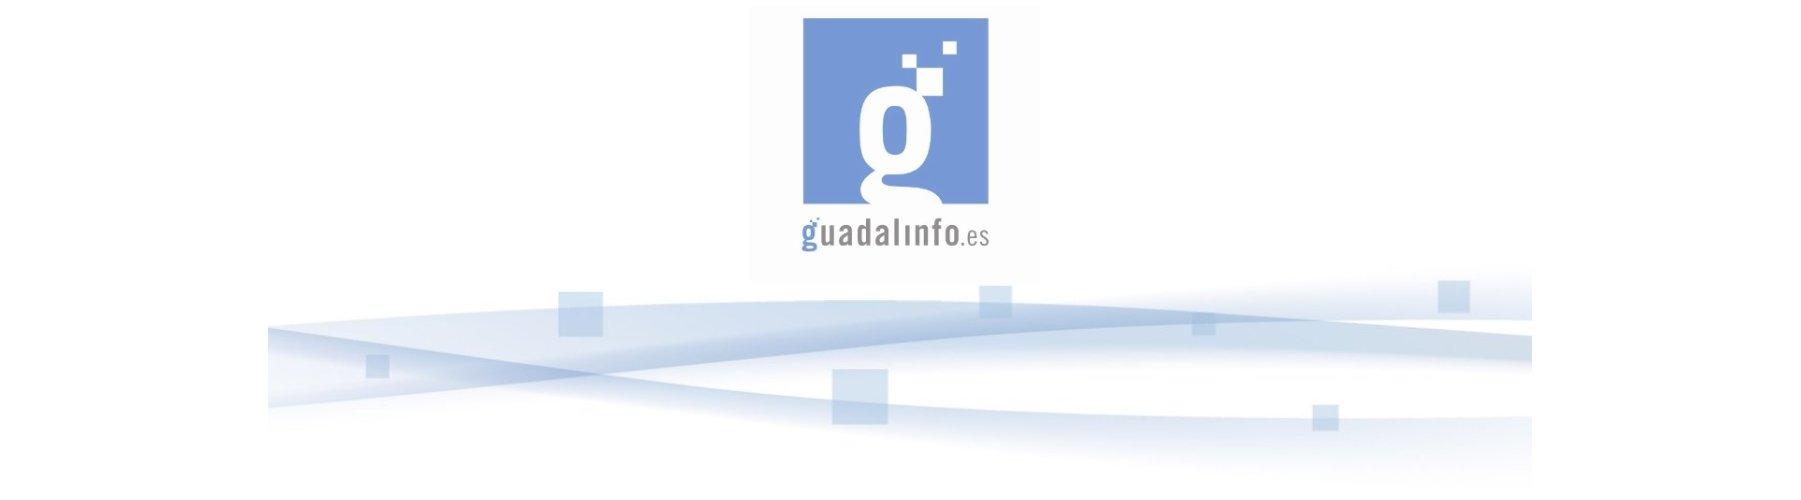 http://www.palimpalem.com/4/Villanuevadelasminas/userfiles/guadalcabecera.jpg